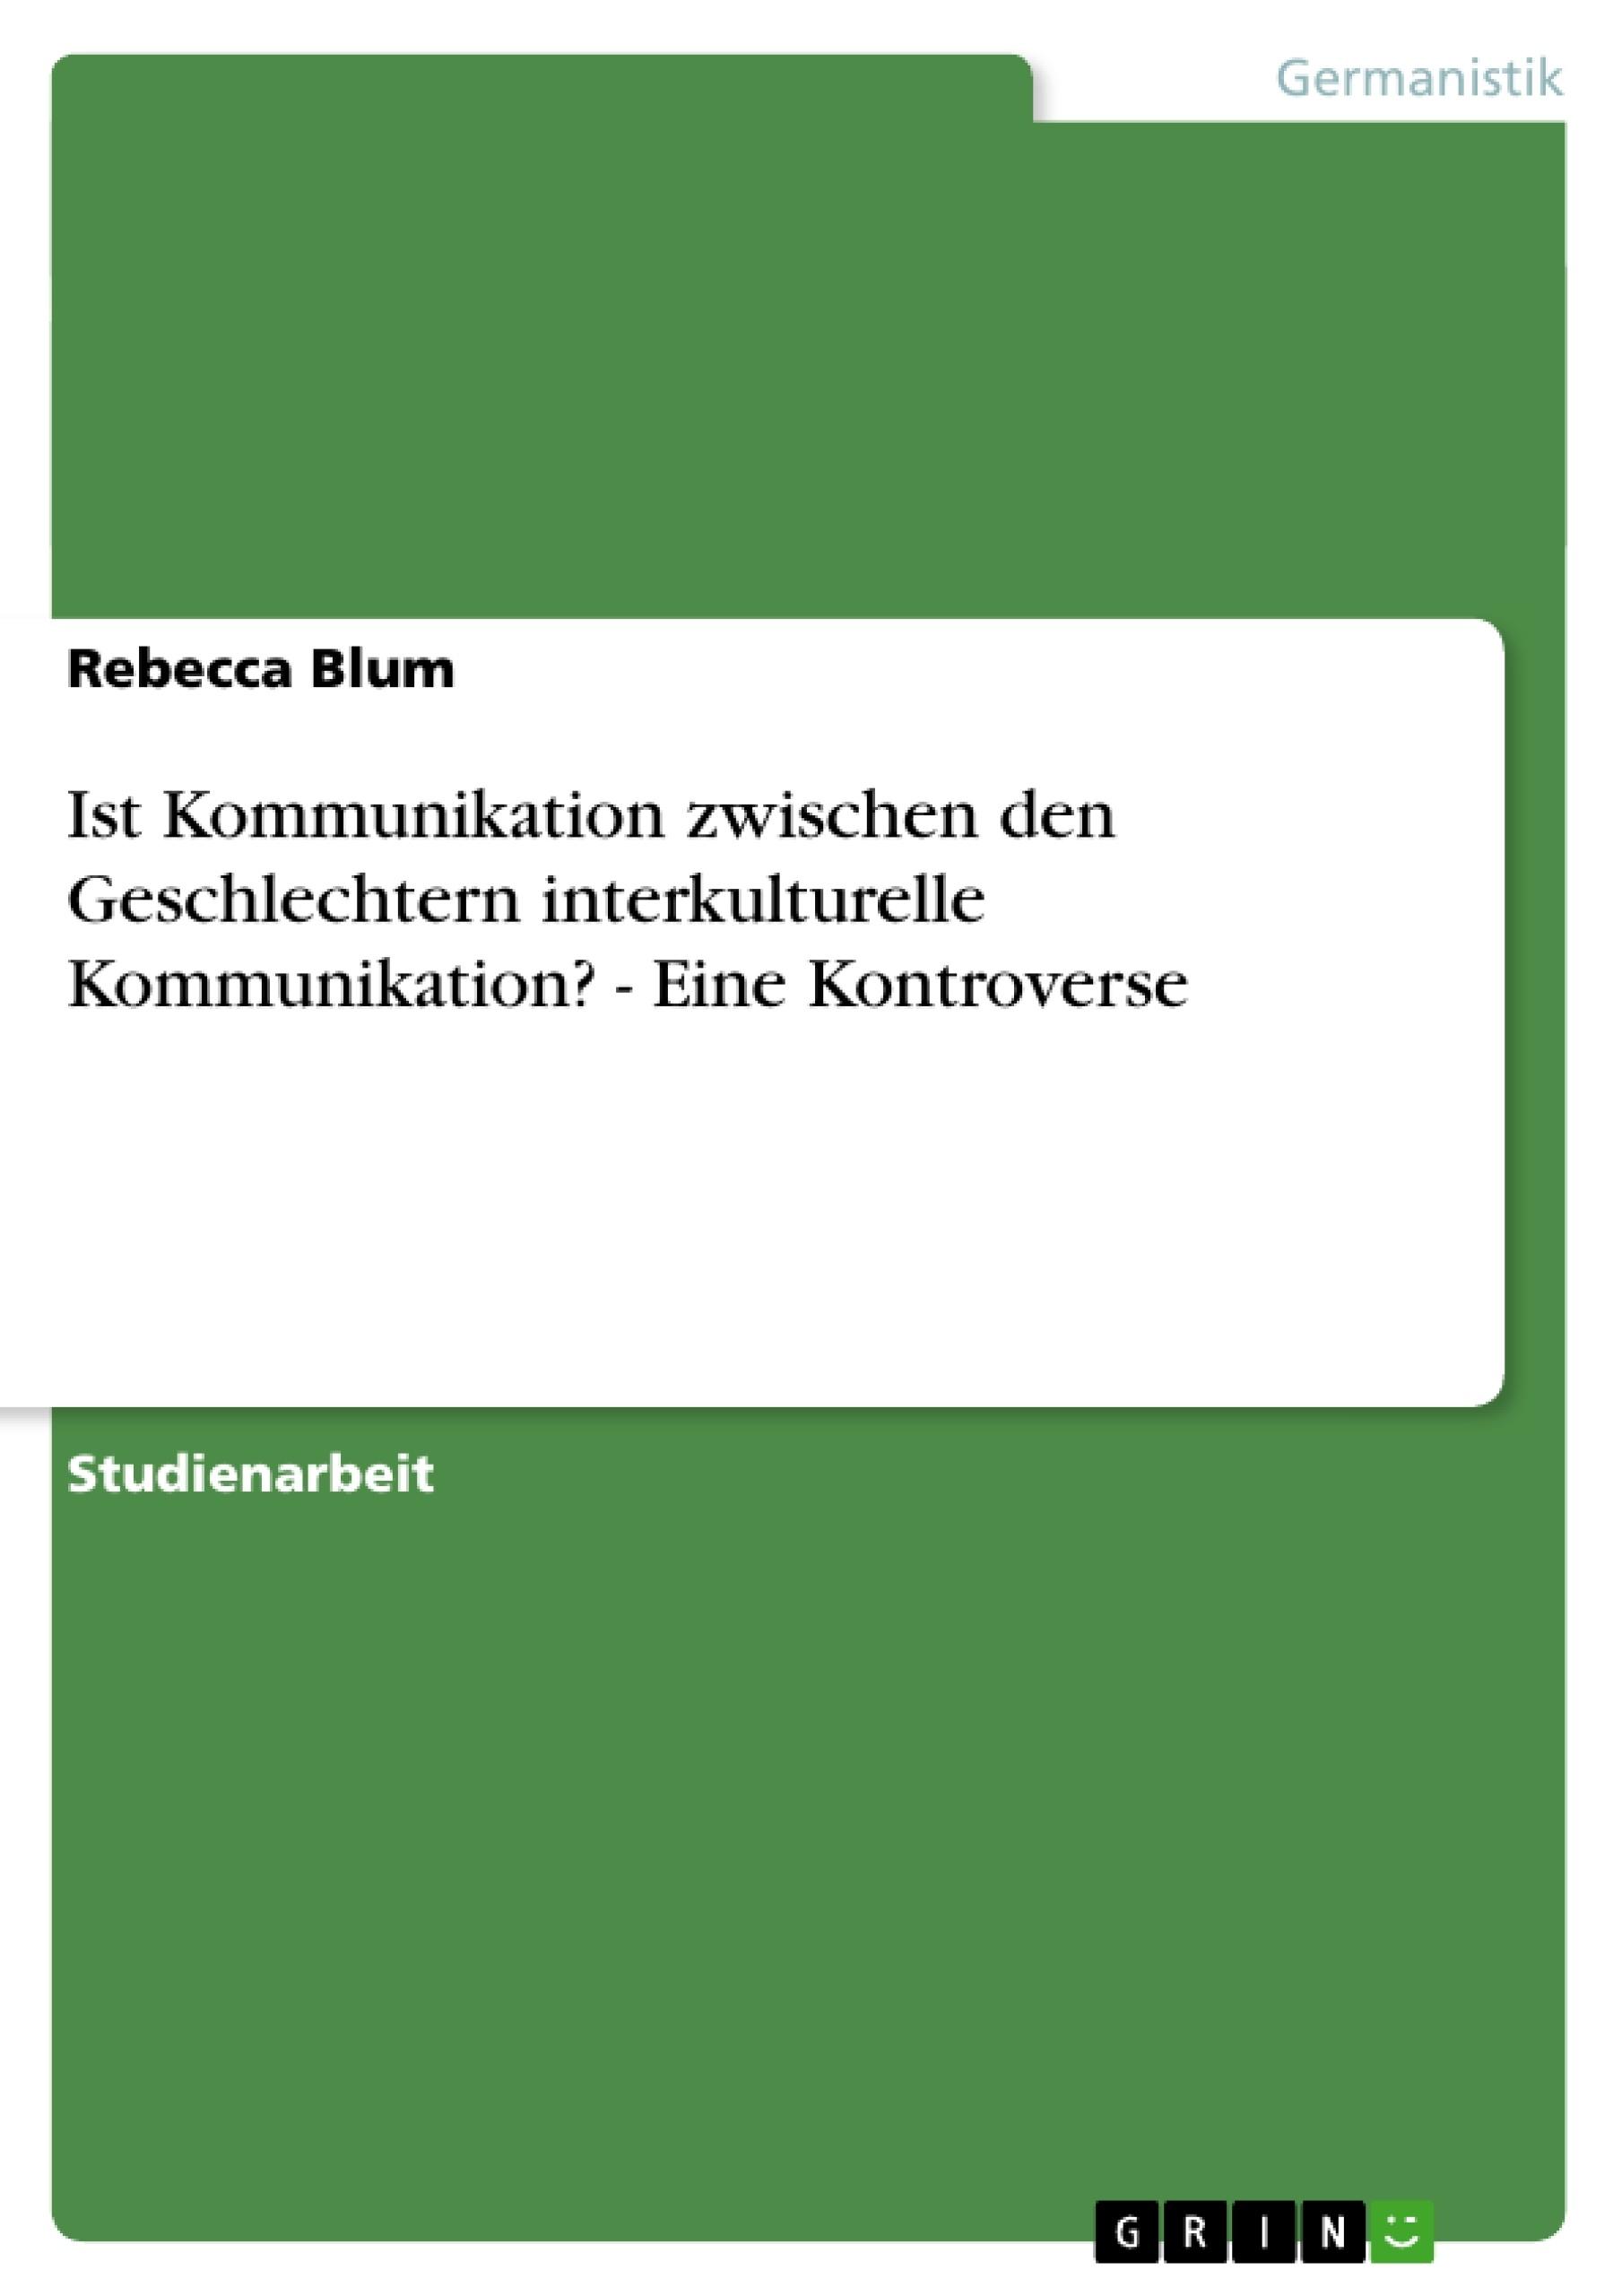 Titel: Ist Kommunikation zwischen den Geschlechtern interkulturelle Kommunikation? - Eine Kontroverse